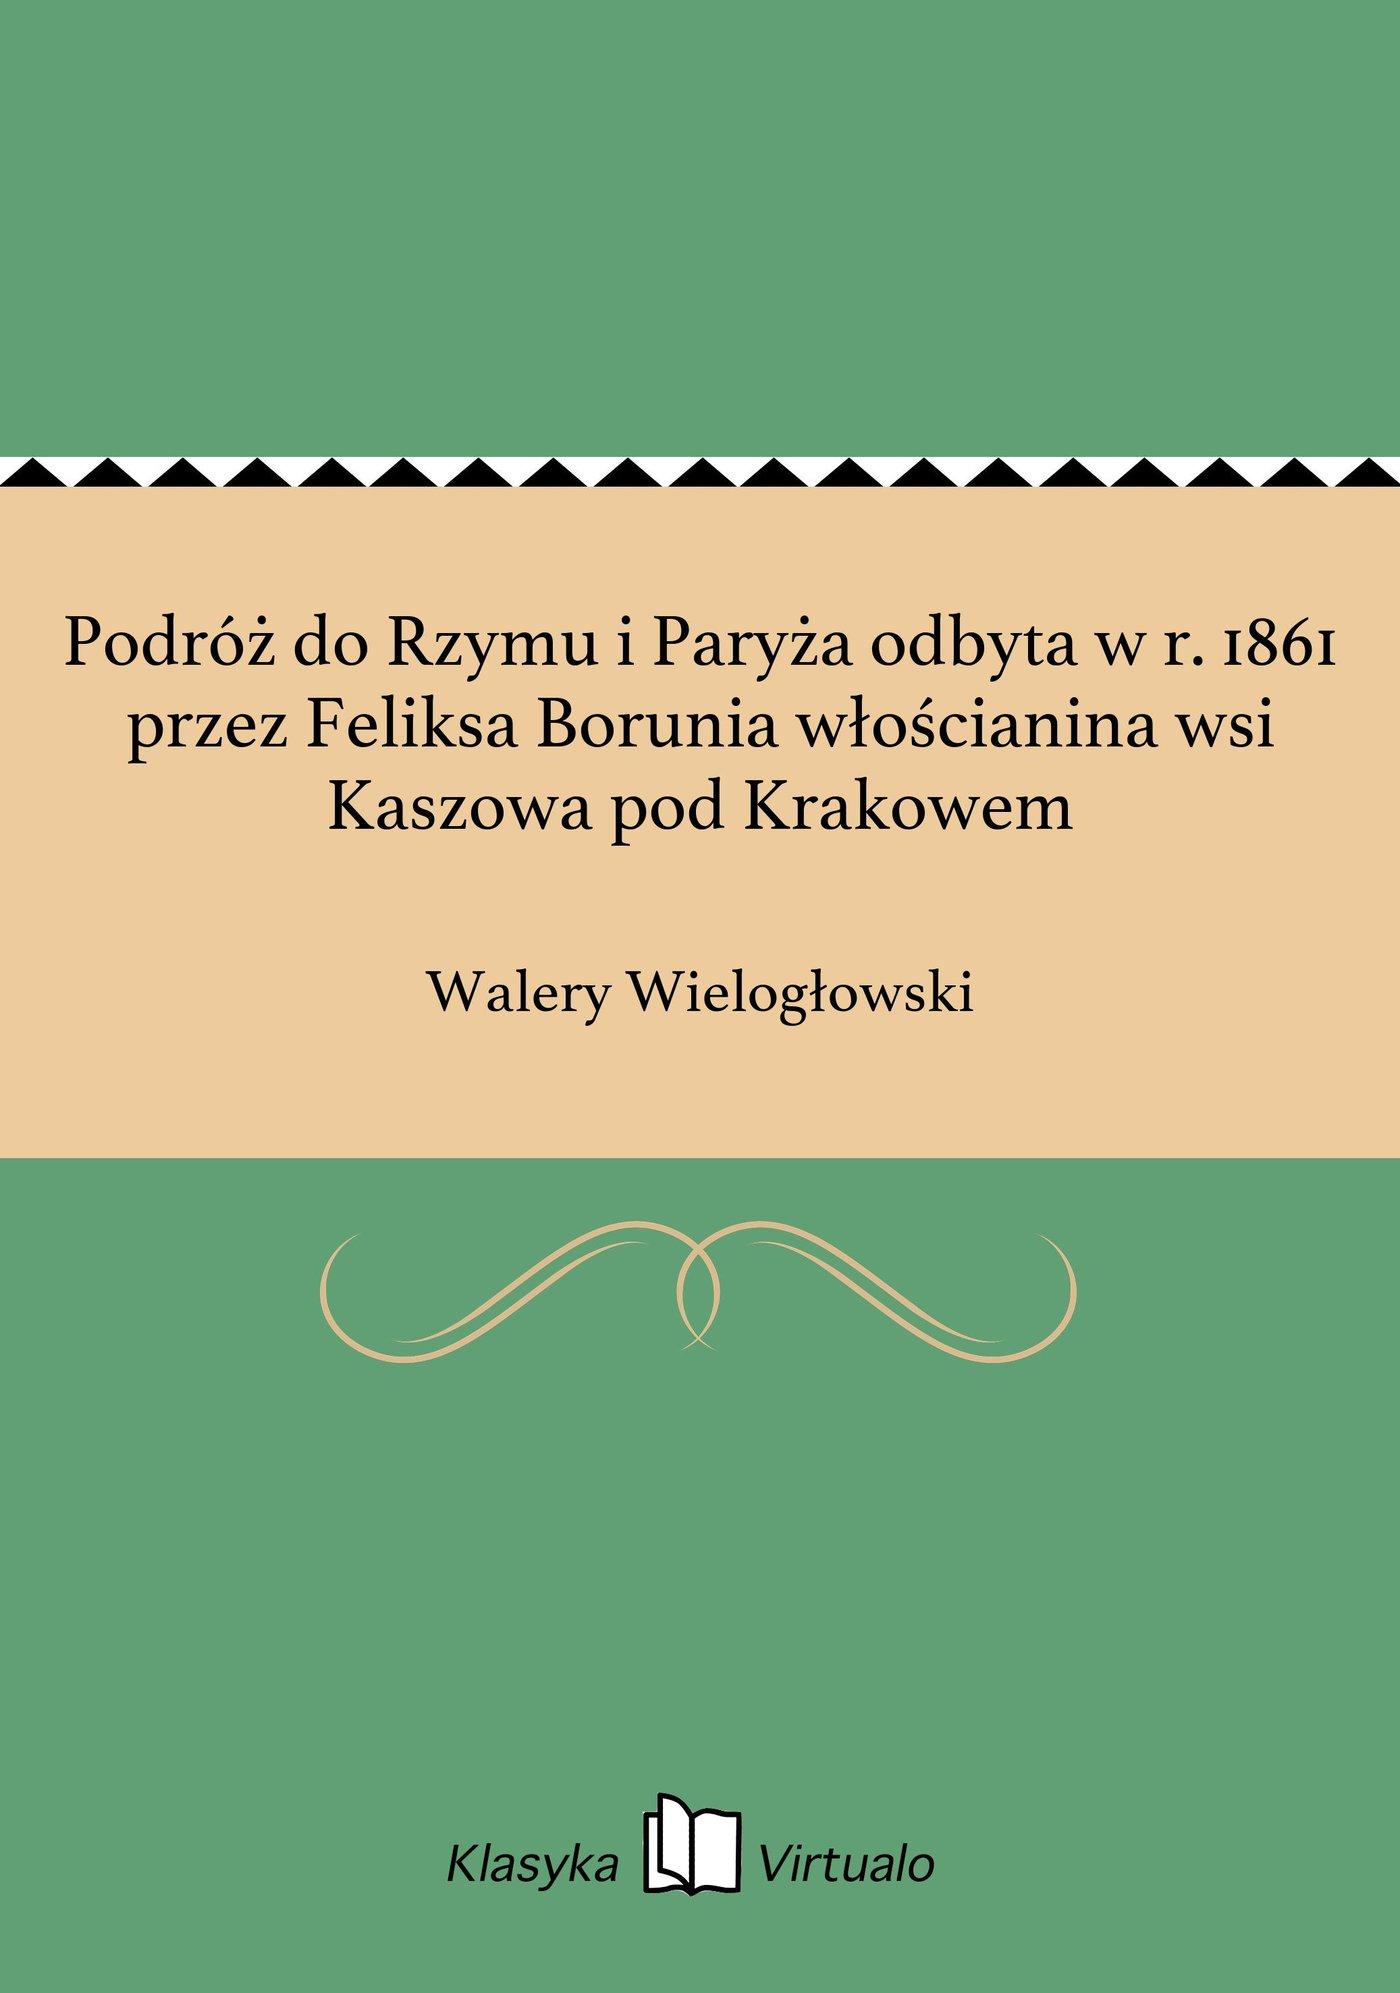 Podróż do Rzymu i Paryża odbyta w r. 1861 przez Feliksa Borunia włościanina wsi Kaszowa pod Krakowem - Ebook (Książka EPUB) do pobrania w formacie EPUB